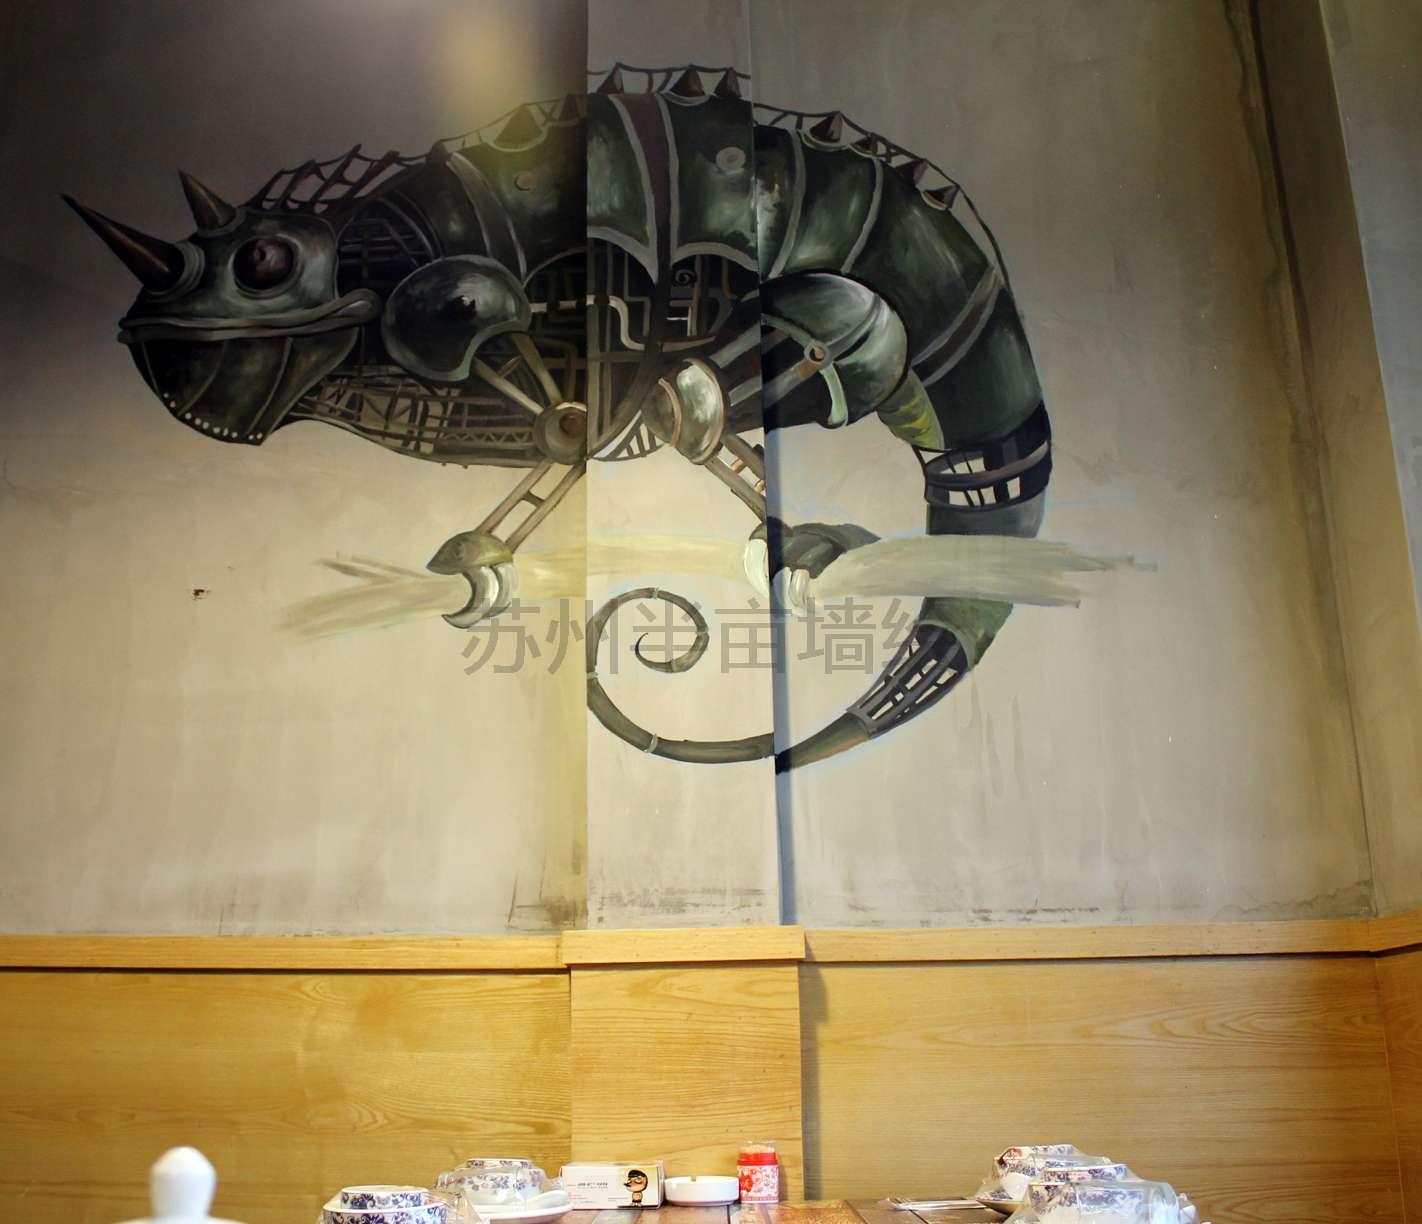 工业风机器动物手绘墙苏州半亩